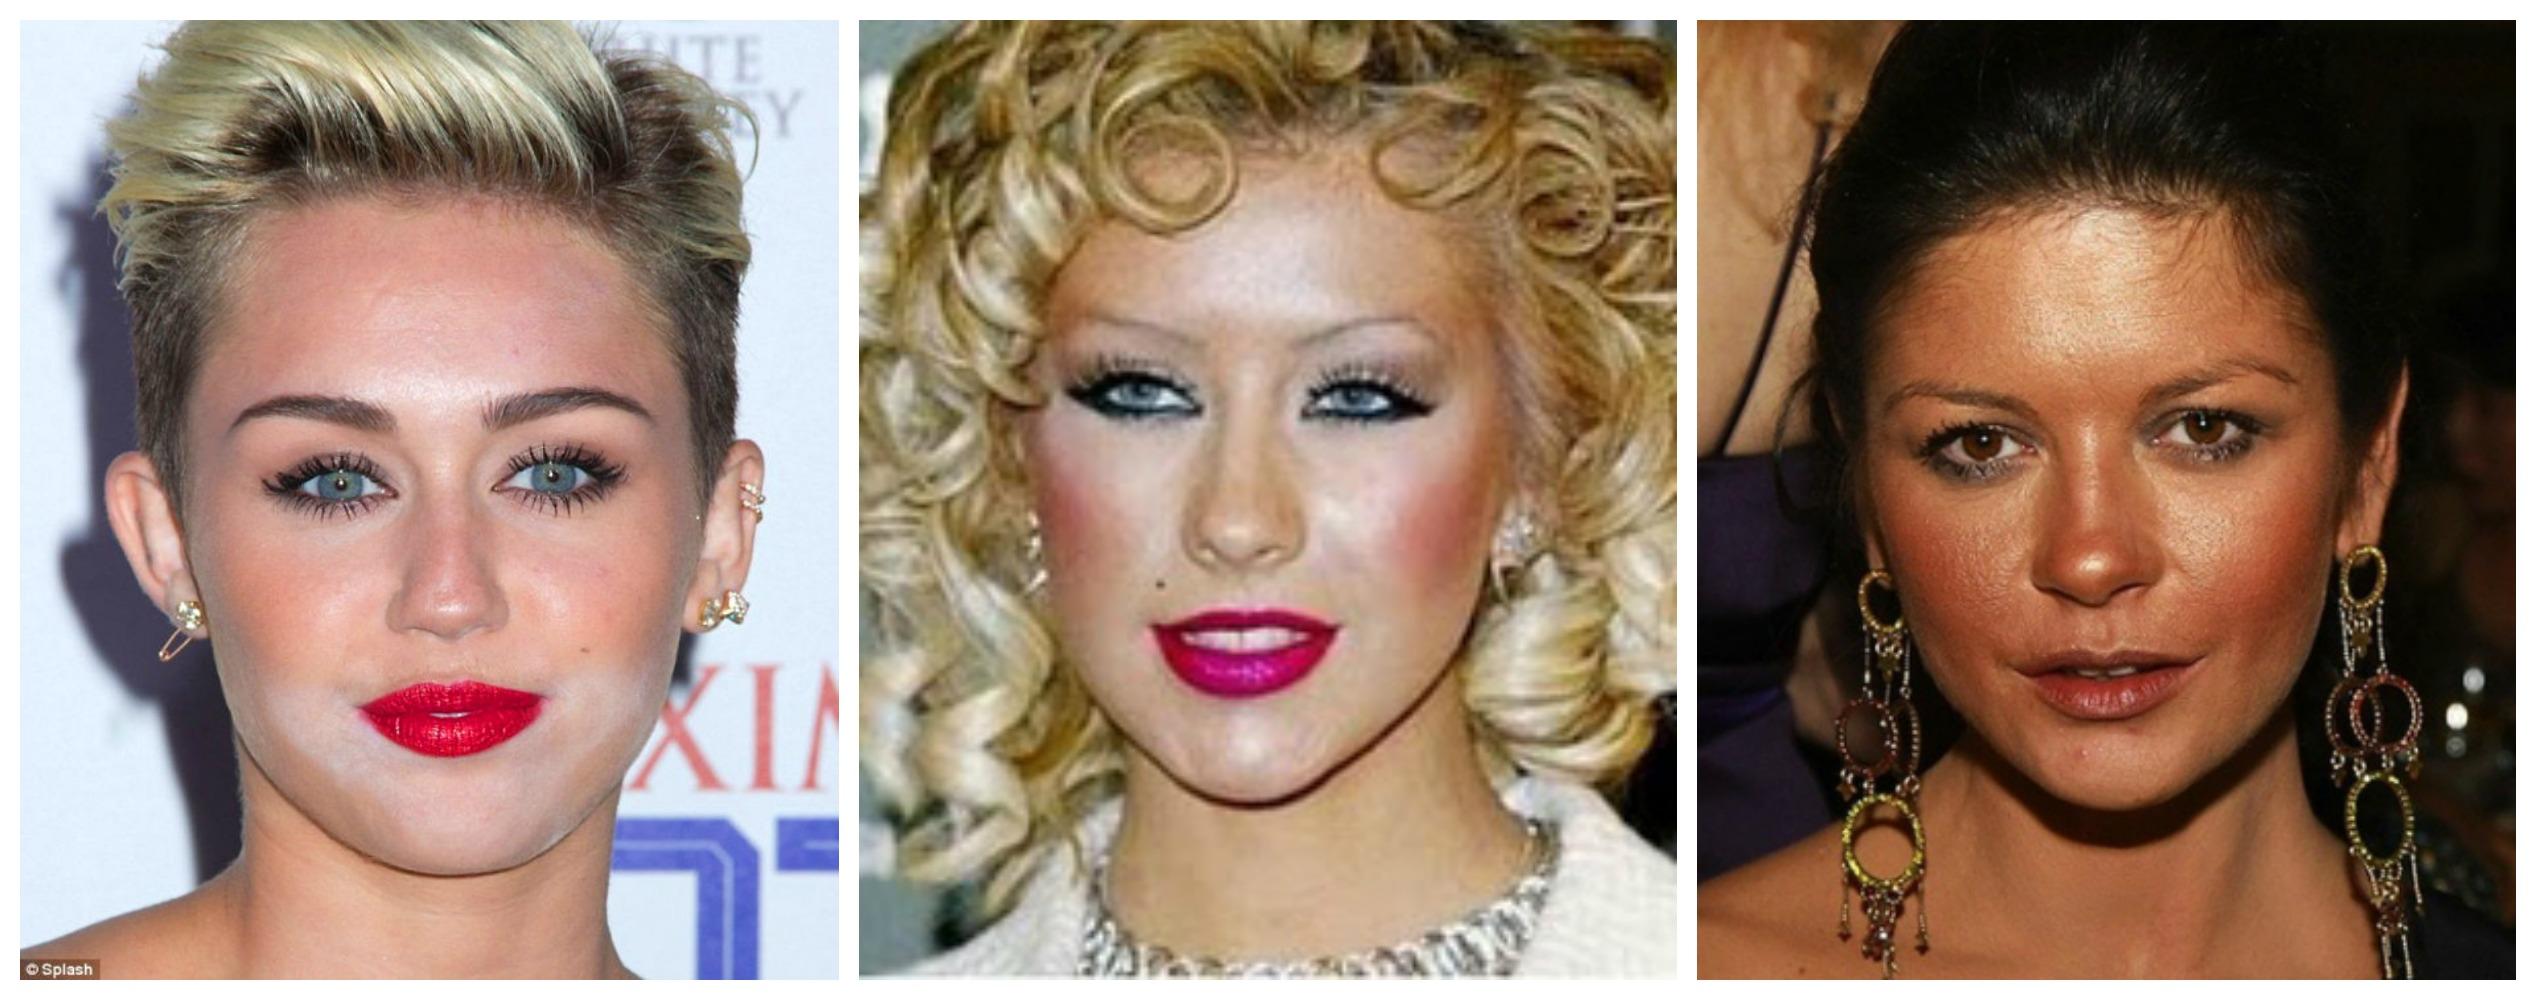 makeup mistakes.jpg